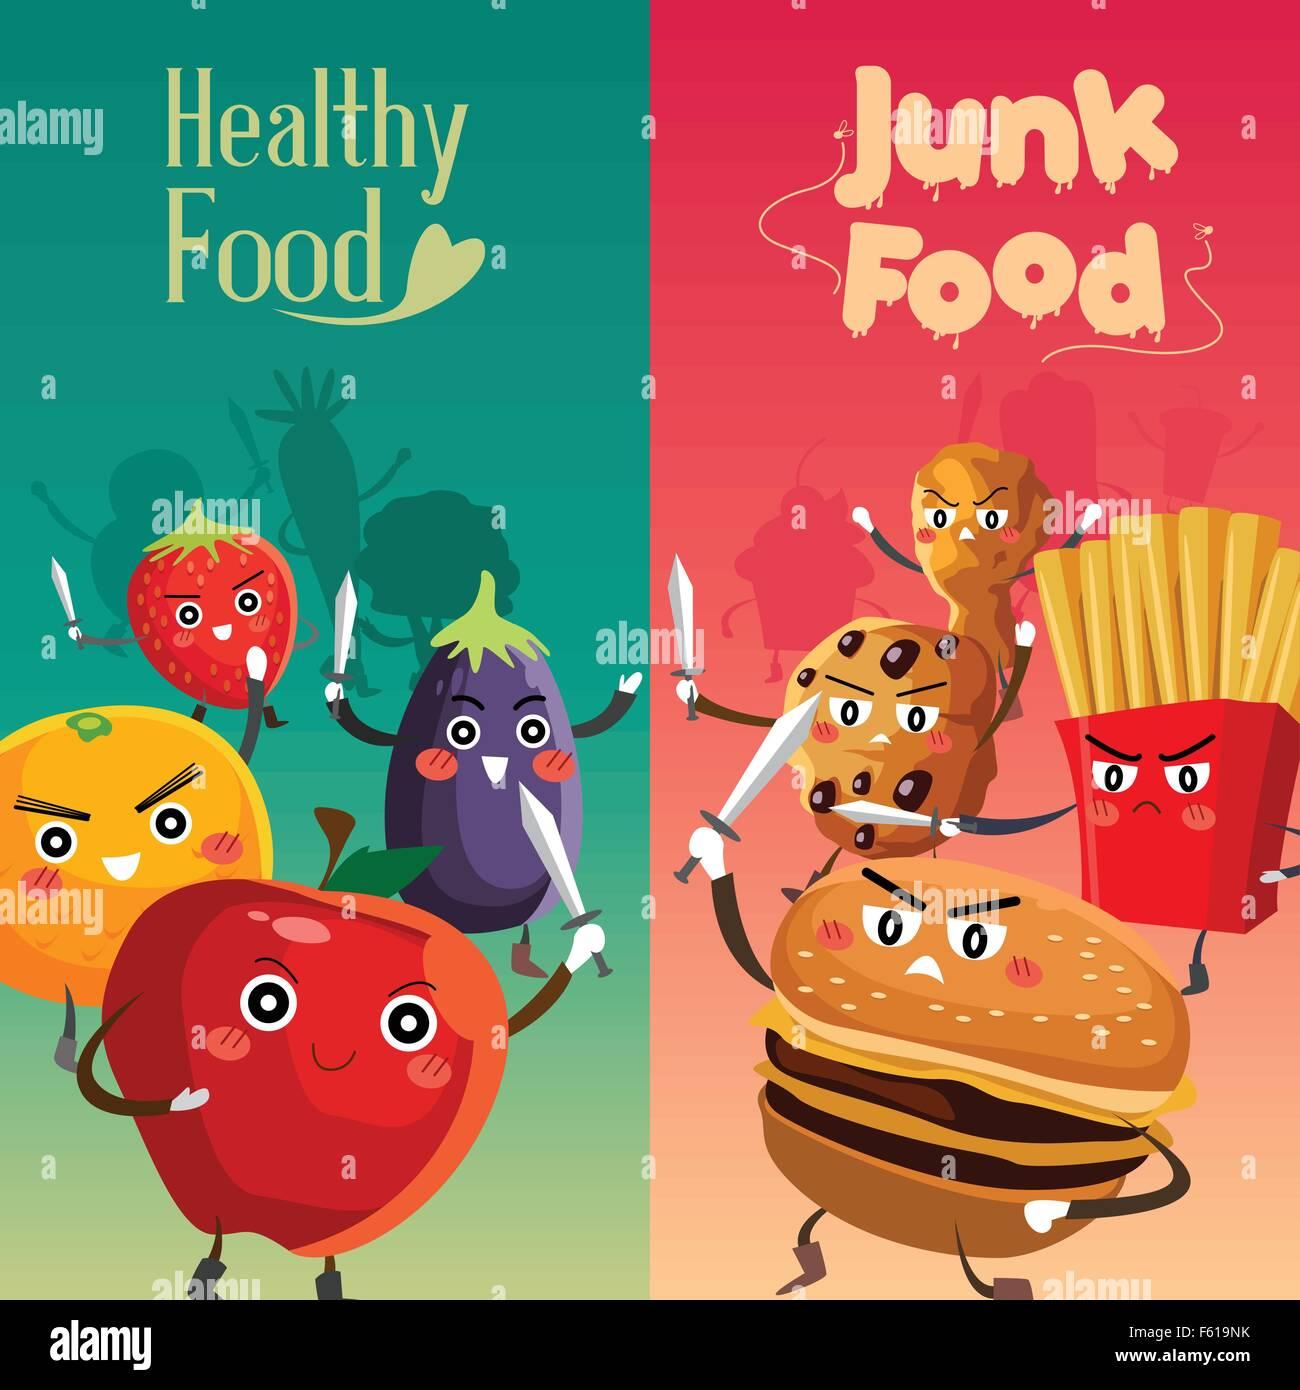 A vector illustration of healthy food versus unhealthy ...